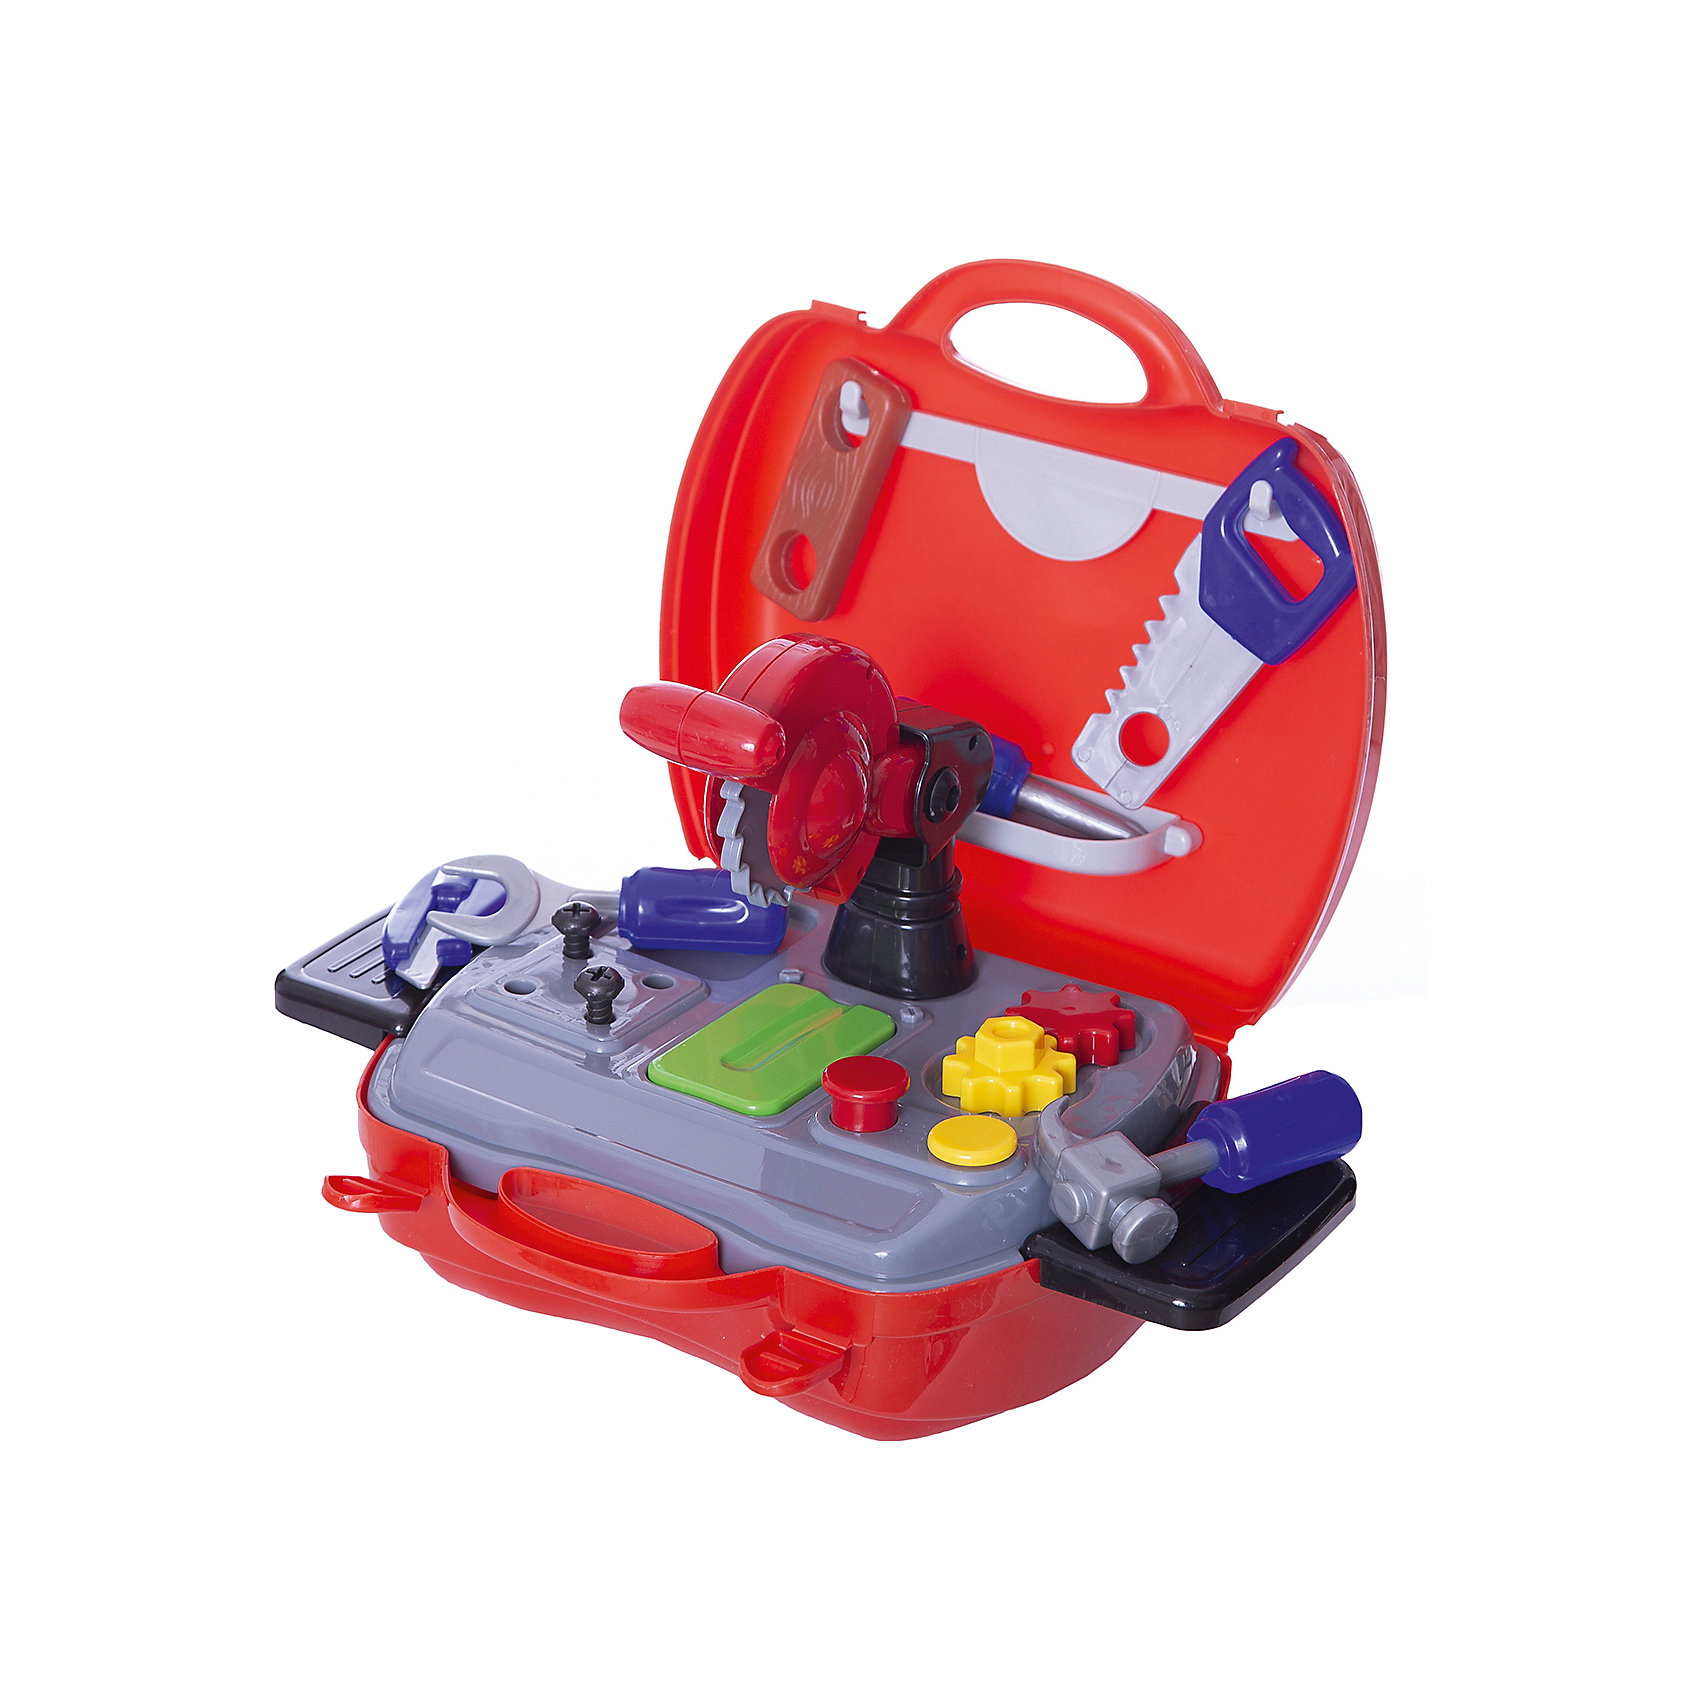 Набор инструментов Чудо-чемоданчик, 19 предм., ABtoysМастерская и инструменты<br>Набор инструментов Чудо-чемоданчик, 19 предм., ABtoys - игрушки , которые наверняка порадают каждого мальчика. <br>С такими игрушками мальчишки учатся правильно держать молоток, отвертку, стамеску и другие инструменты, ведь потом эти навыки им обязательно пригодятся во взрослой жизни . <br>Теперь малыш сможет помогать папе чинить или собирать что-нибудь со своим набором инструментов. <br>Каждый мальчишка будет рад такому подарку, а еще его удобно брать с собой на прогулку или в дорогу.<br><br>В наборе 19 предметов: <br>- чемоданчик разборный<br>- панель для хранения деталей<br>- отвертка<br>- молоток<br>- пила циркулярная<br>- нож<br>- гаечный ключ<br>- линейка <br>- брусок<br><br>Ширина мм: 200<br>Глубина мм: 240<br>Высота мм: 100<br>Вес г: 570<br>Возраст от месяцев: 36<br>Возраст до месяцев: 120<br>Пол: Мужской<br>Возраст: Детский<br>SKU: 5026129